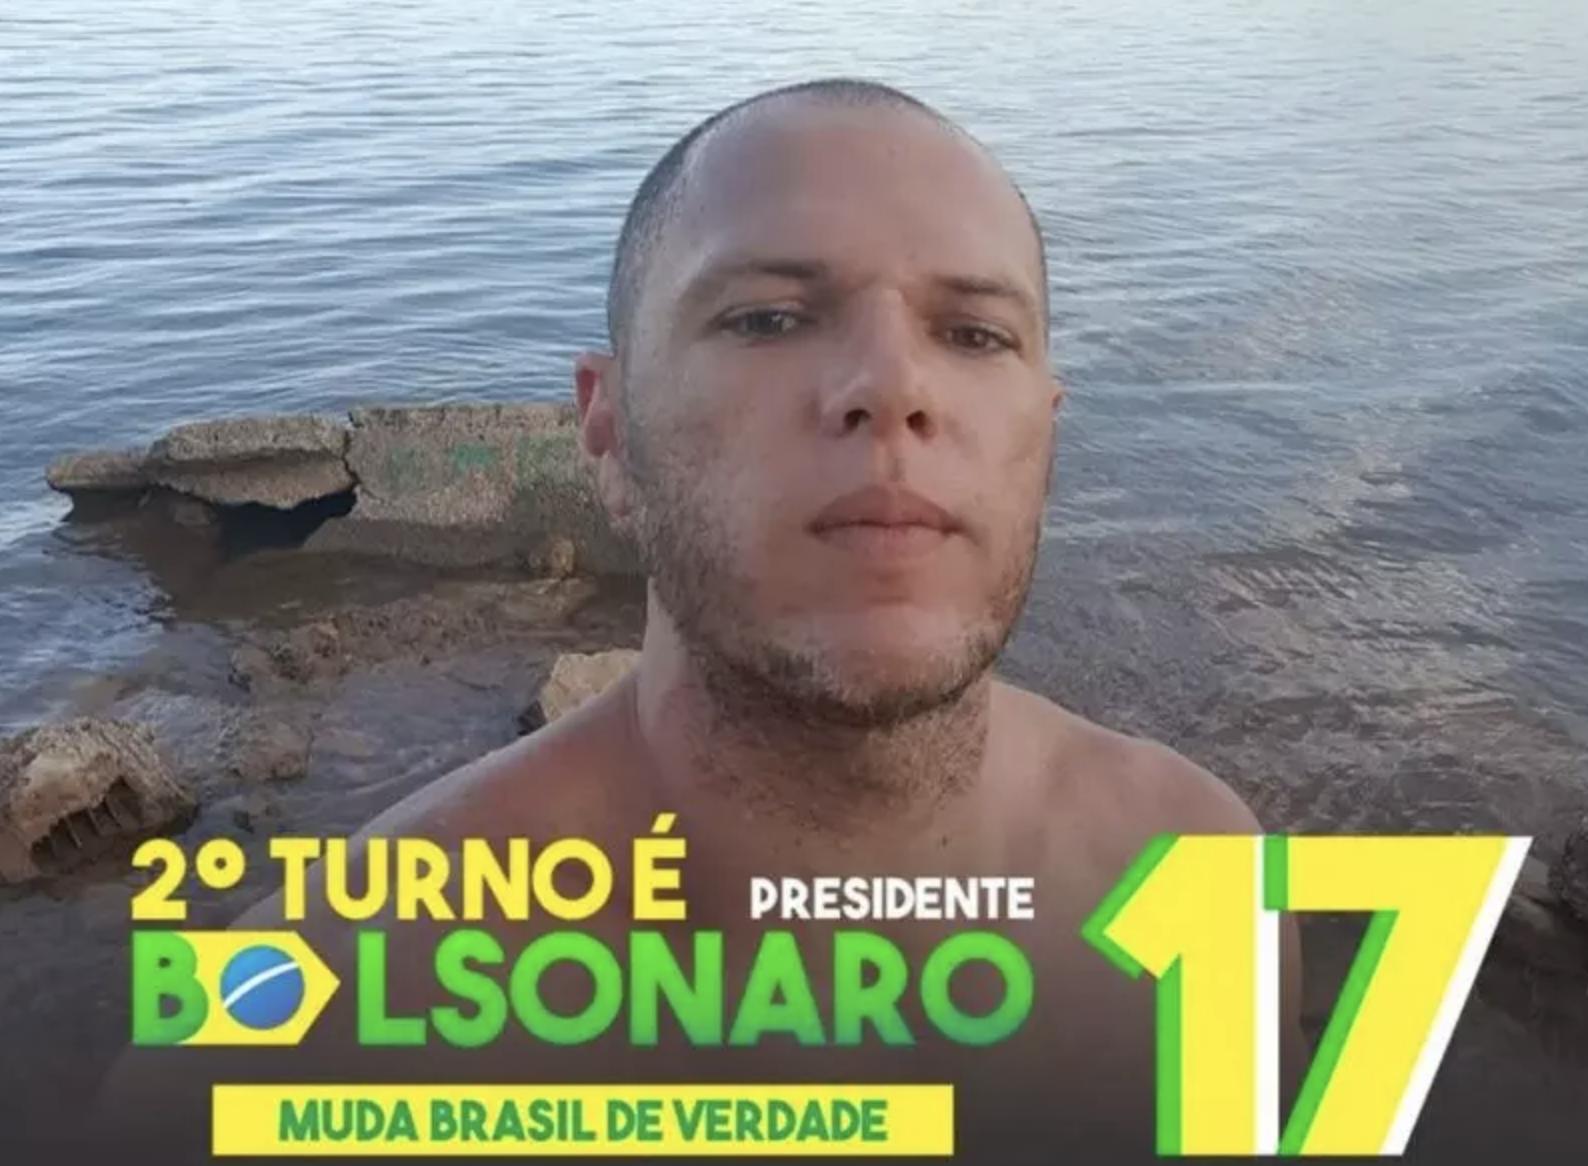 Bolsonarista que agrediu deputado do PT em vôo — e depois chorou — mentiu à PF e vai responder por calúnia e difamação